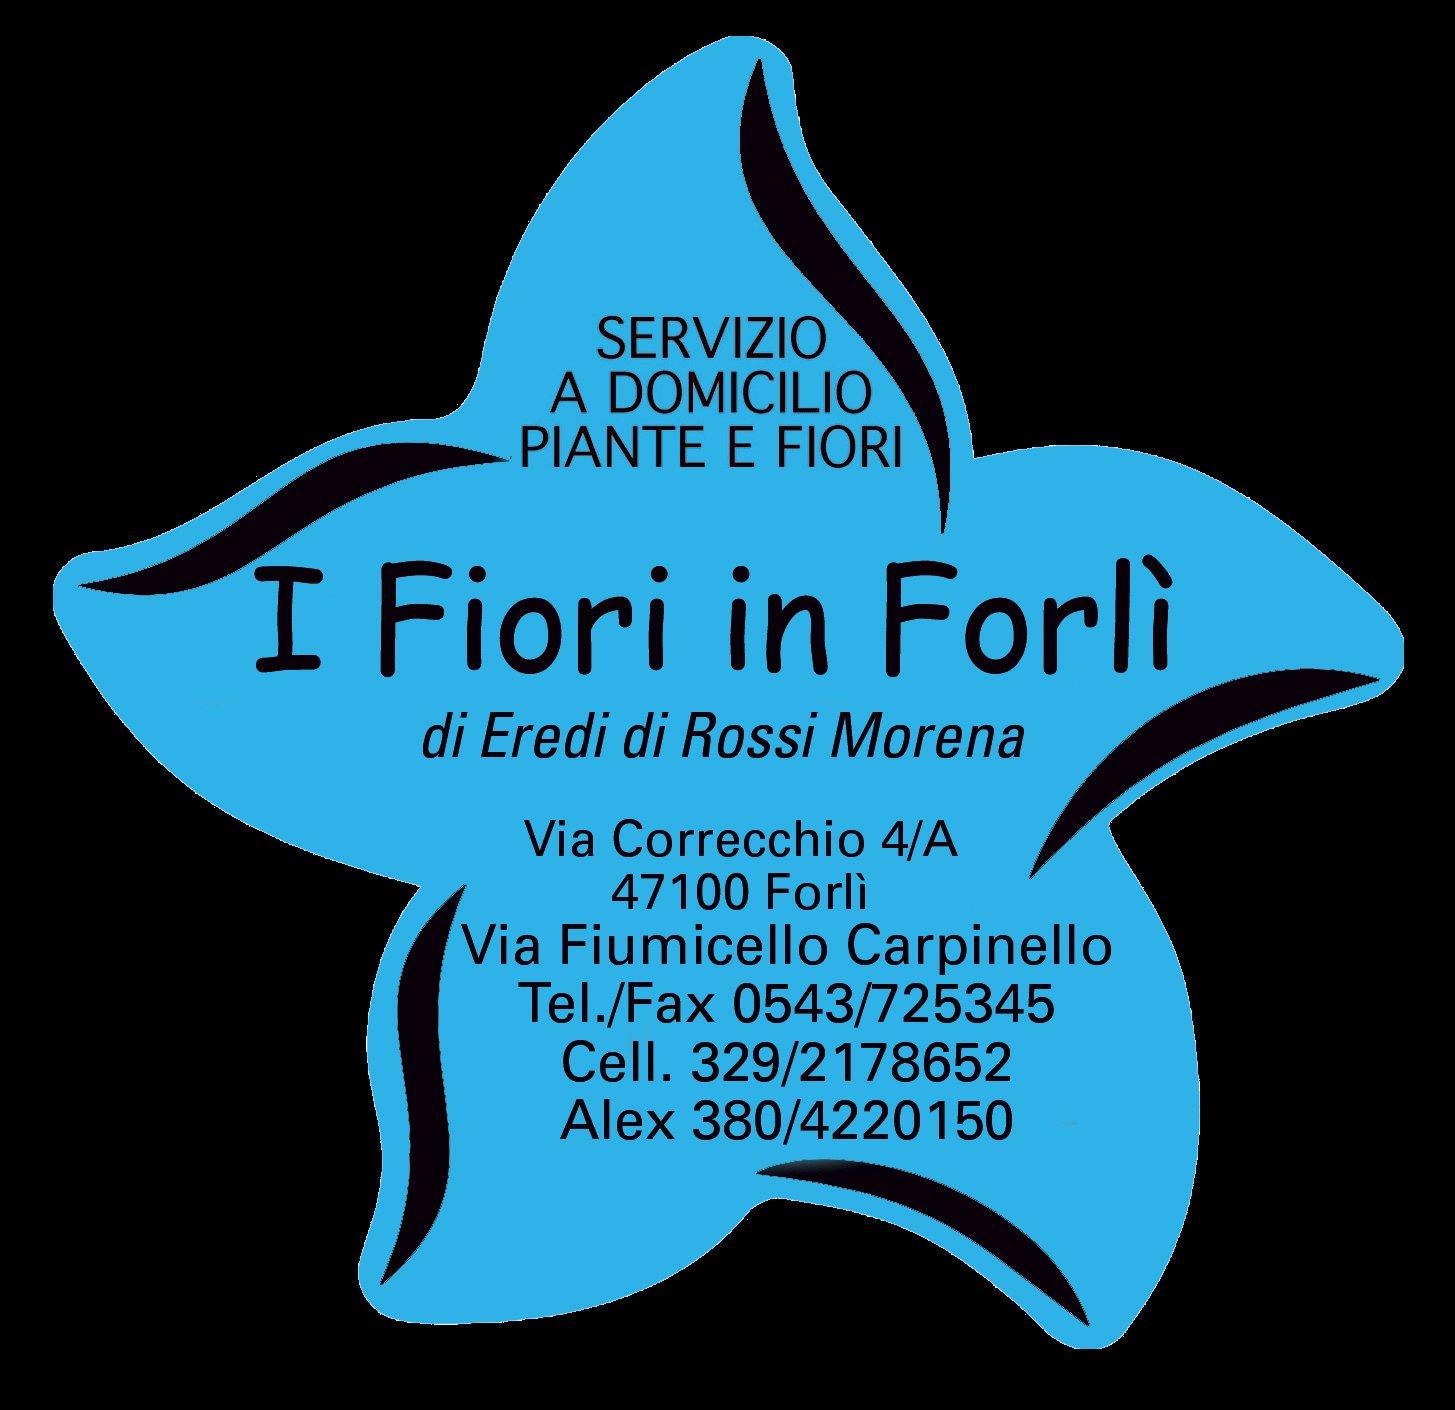 I_FIORI_IN_FORLI_